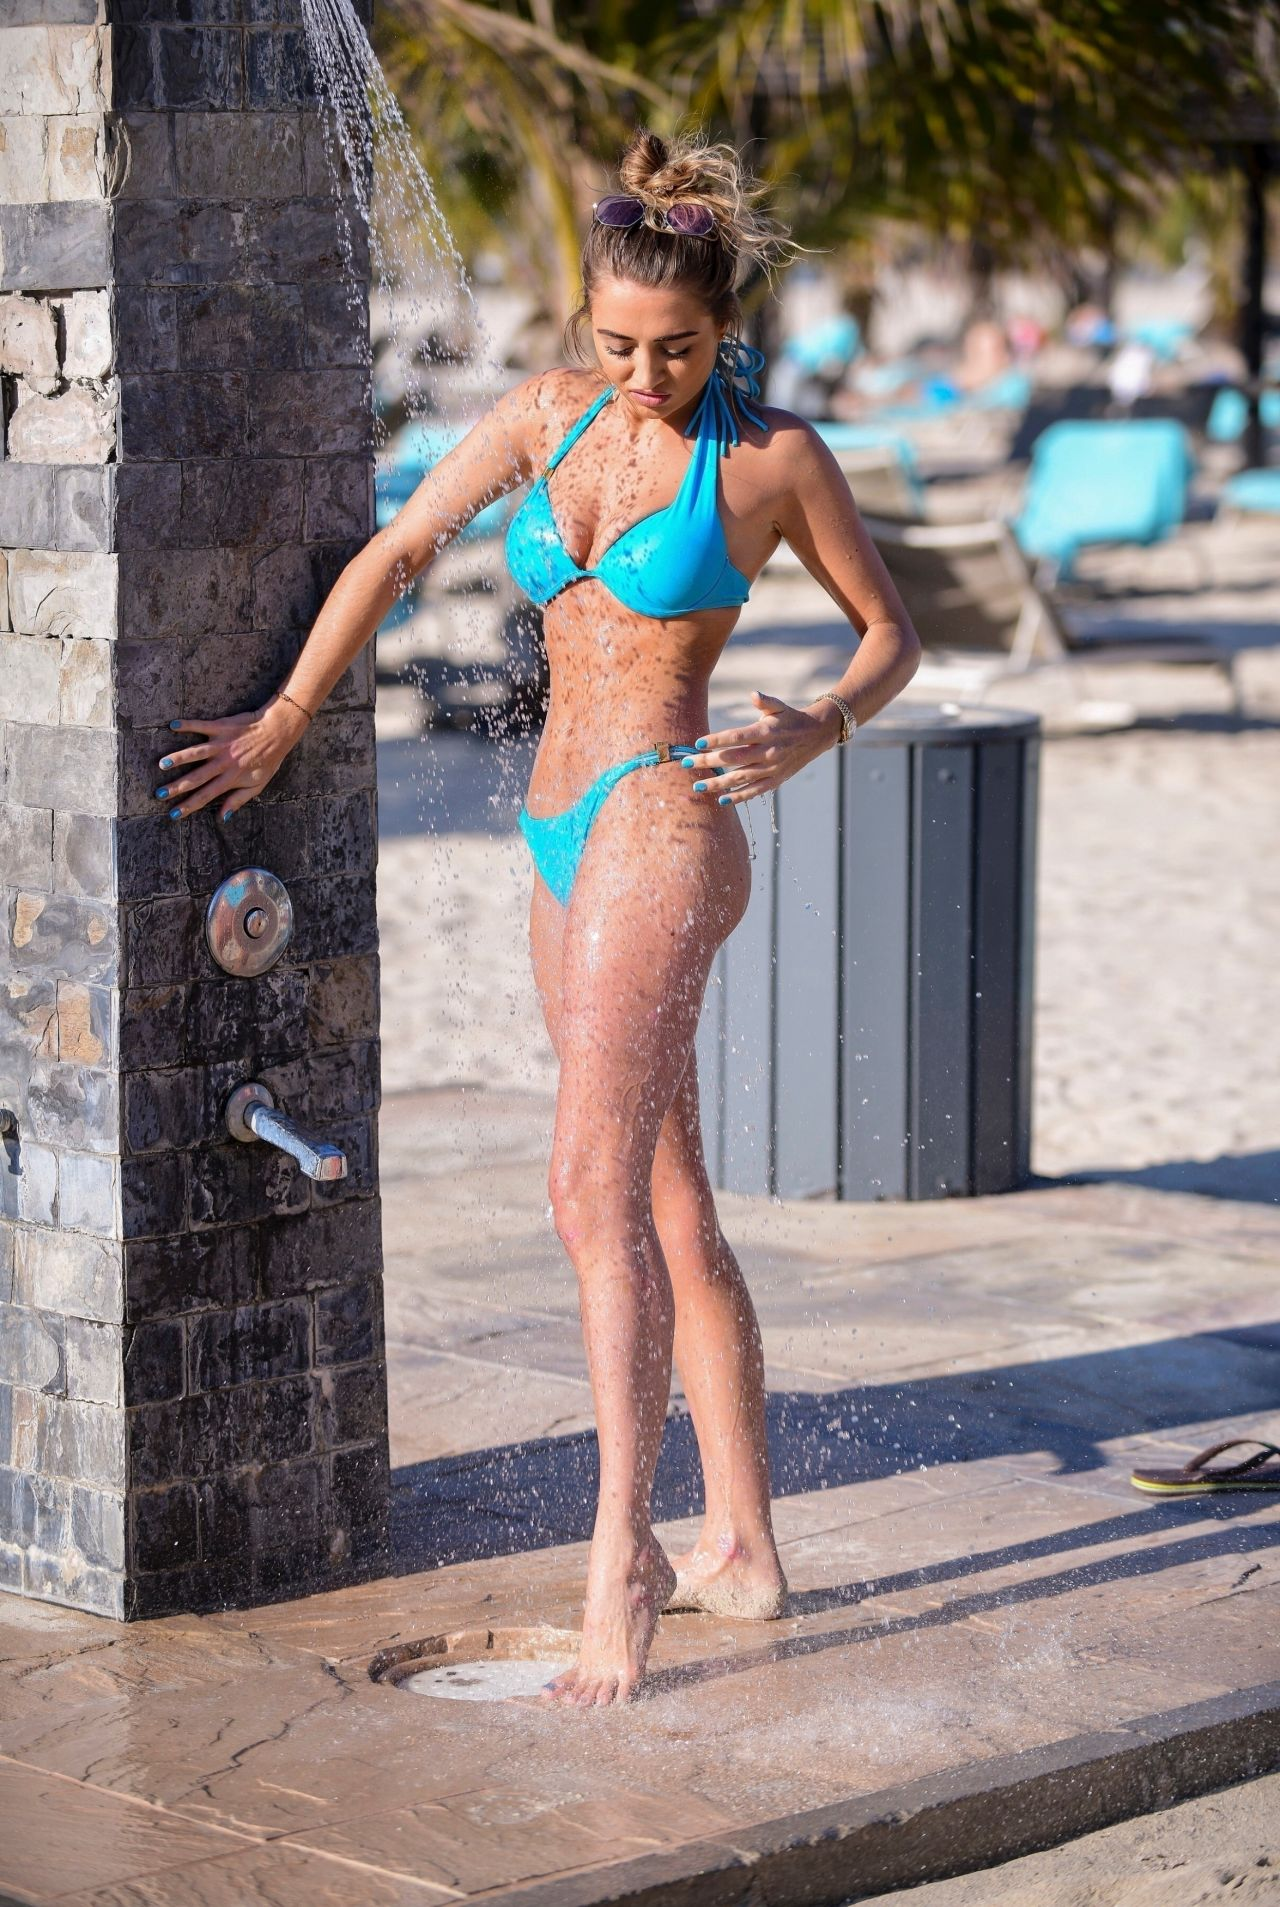 Georgia Harrison in Bikini on the pool in Dubai Pic 31 of 35